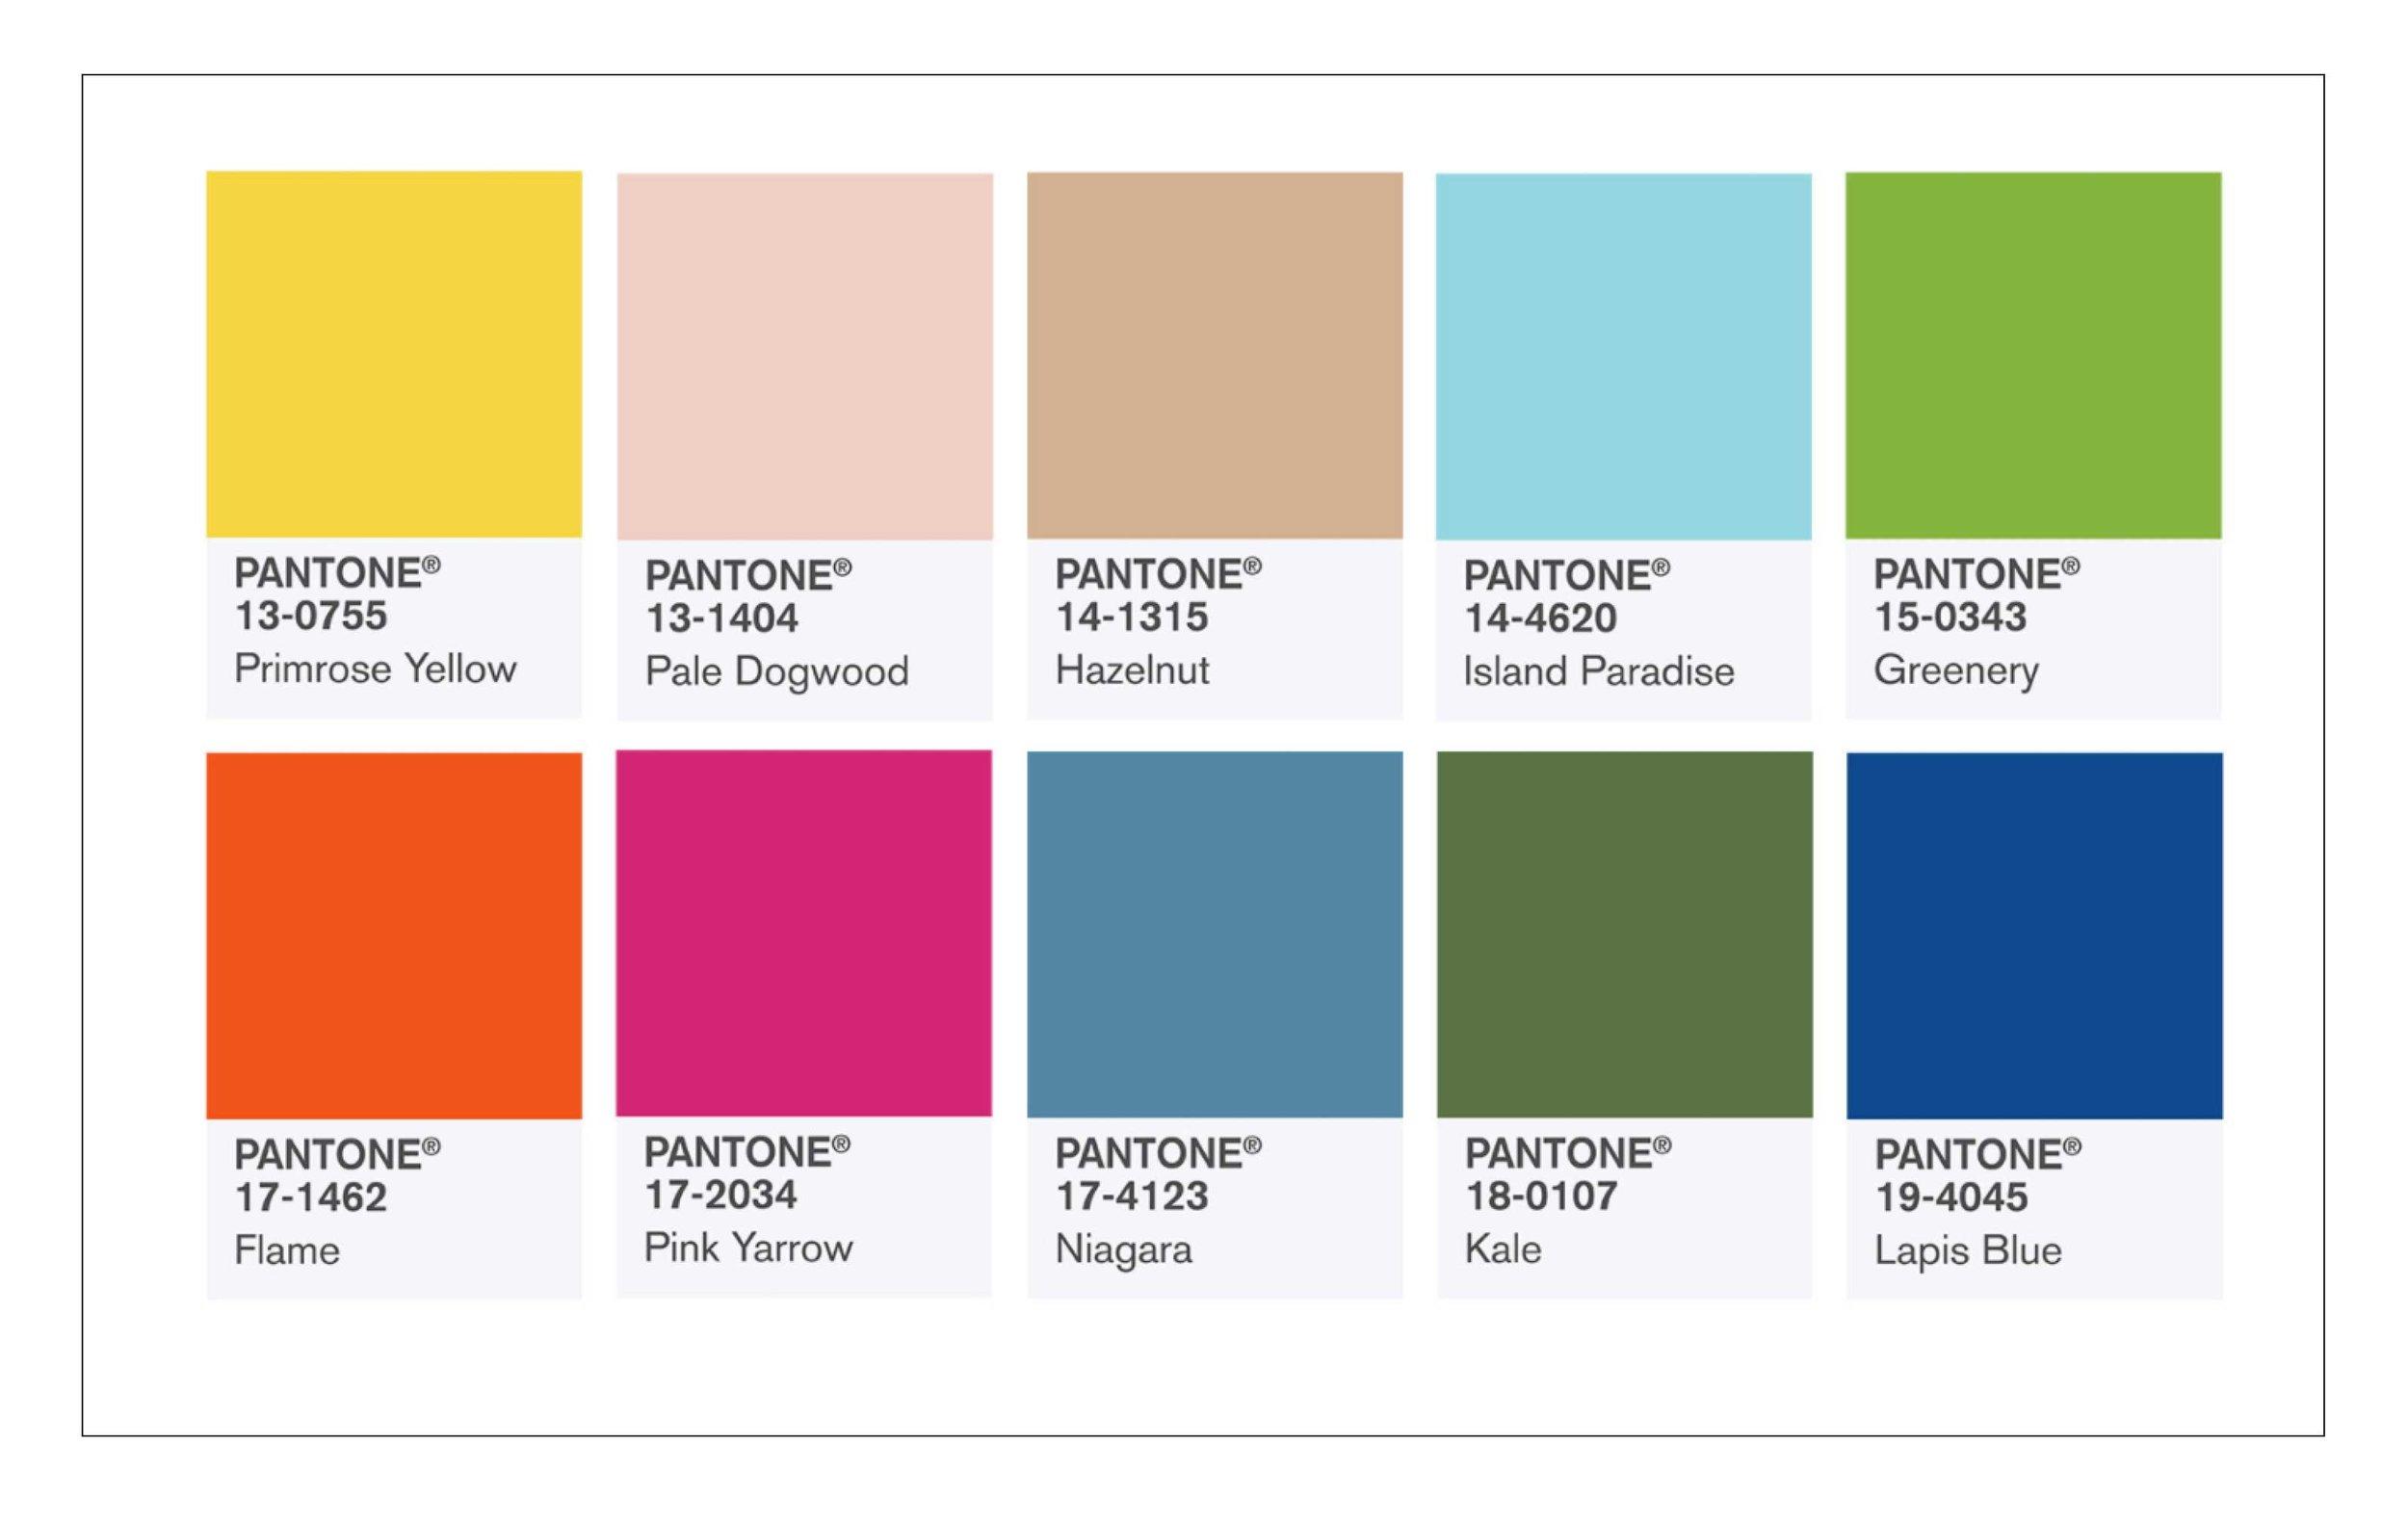 65f2b-salt2bsassdesign3apantonec2aespring2017colorssalt2bsassdesign3apantonec2aespring2017colors.jpg